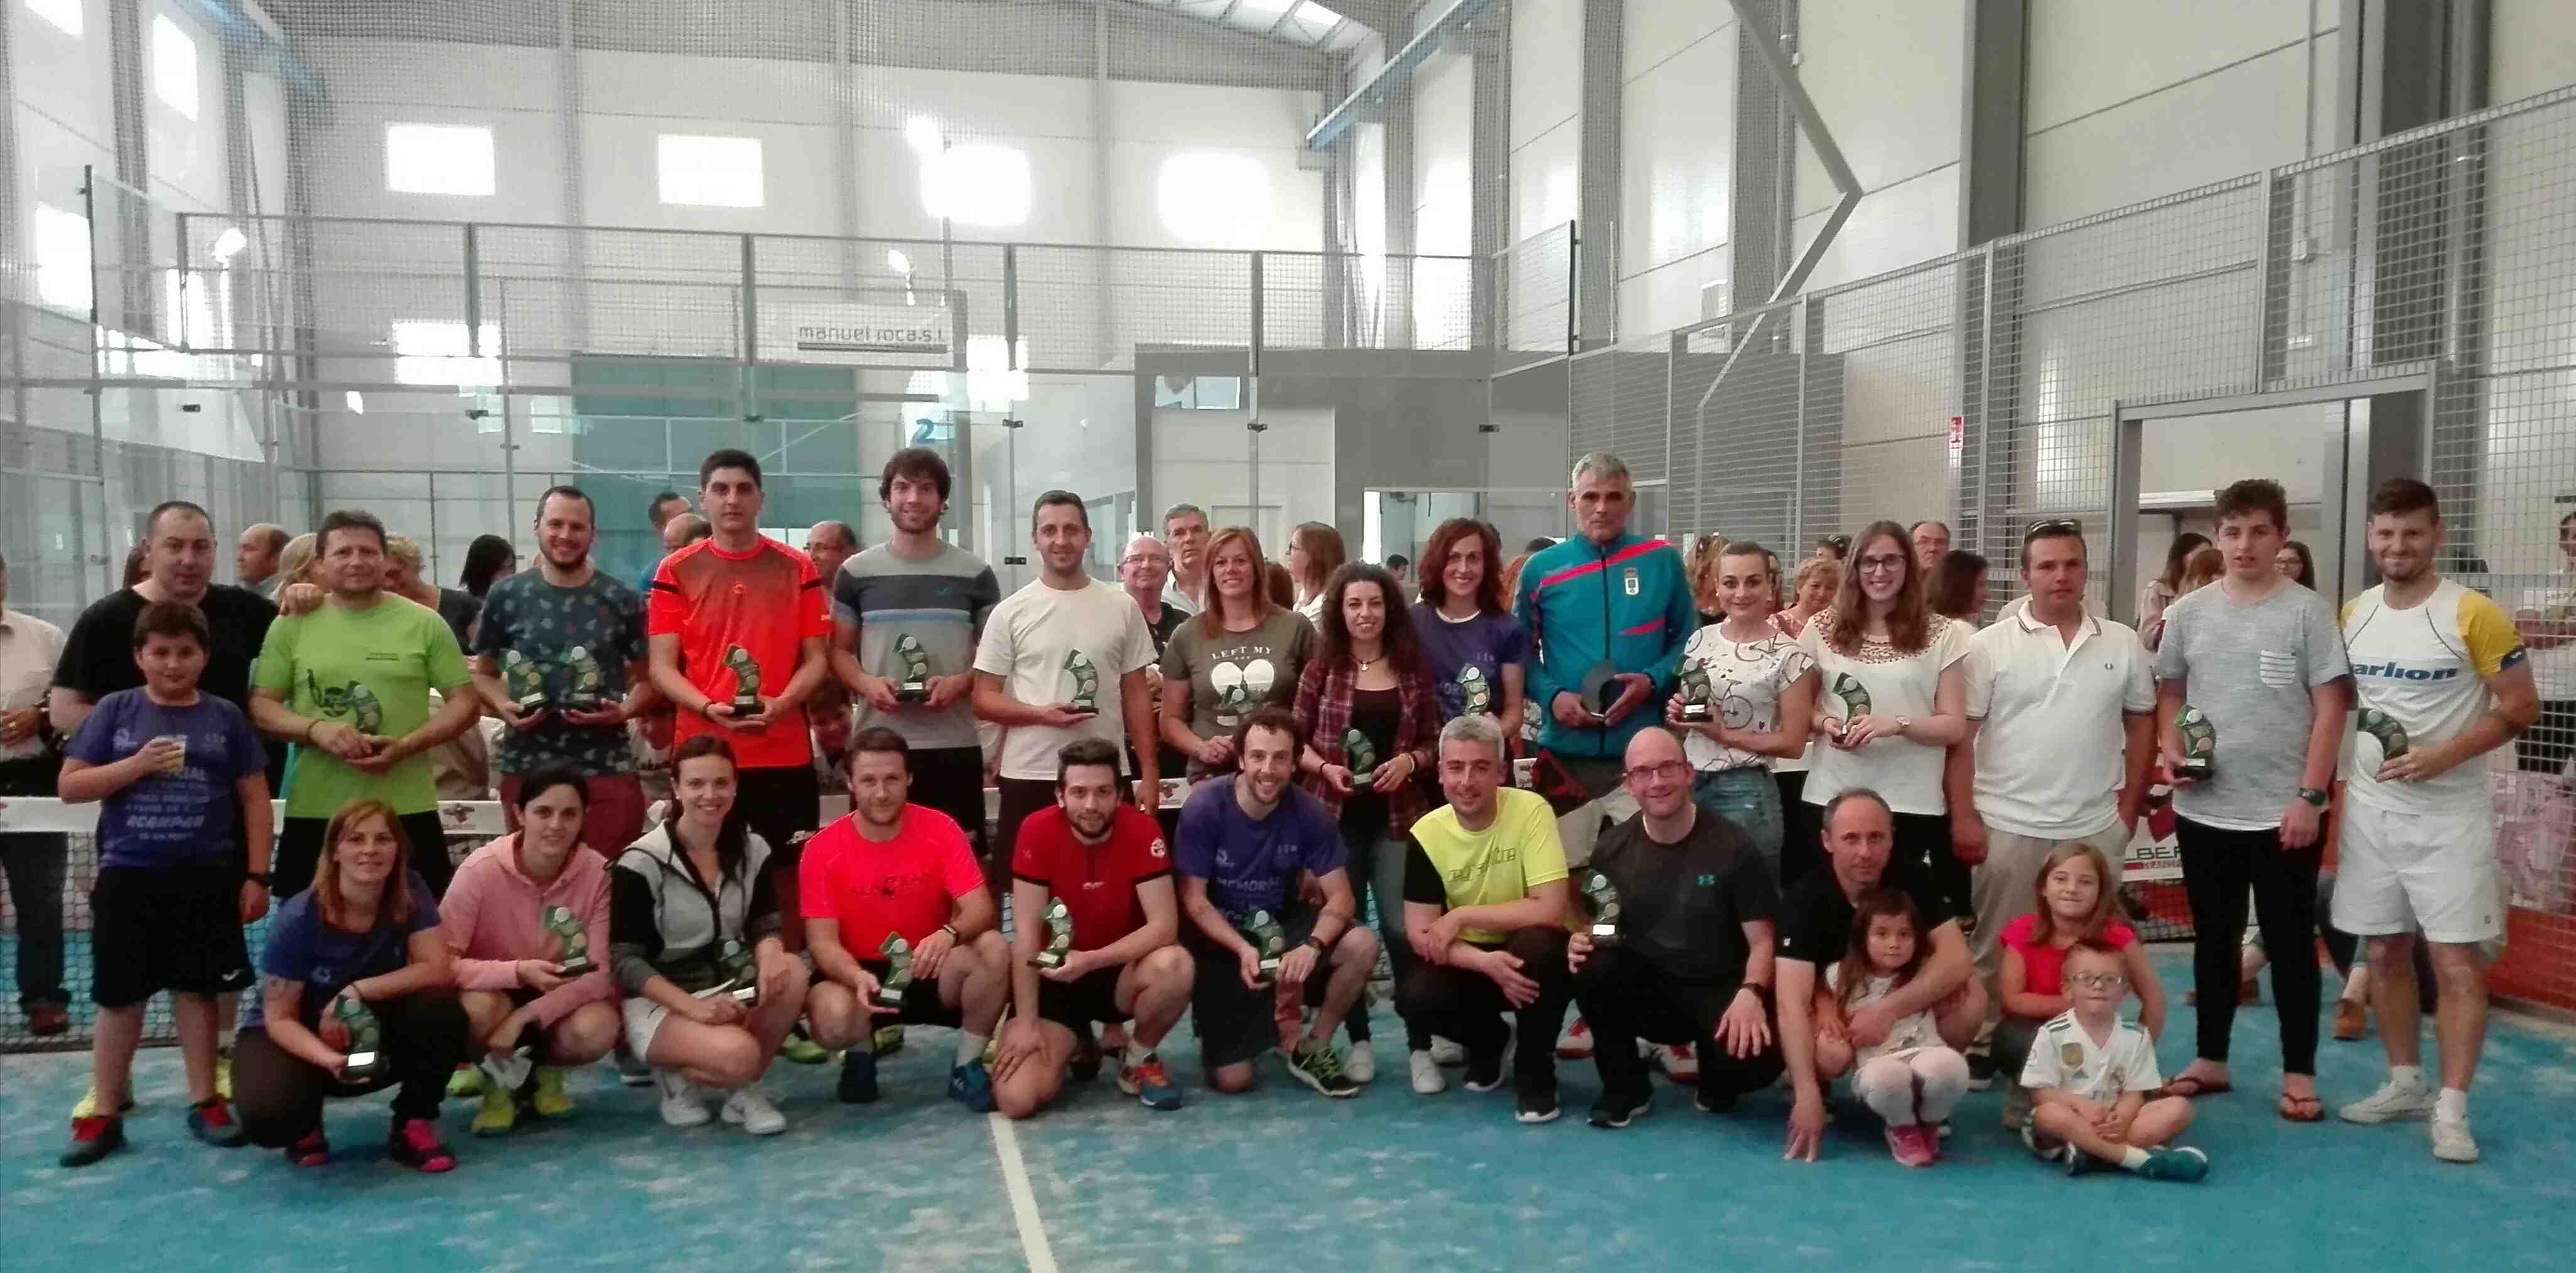 Éxito de participación en el I Memorial Francisco Rozas de Pádel, disputado en Onil, con 60 parejas